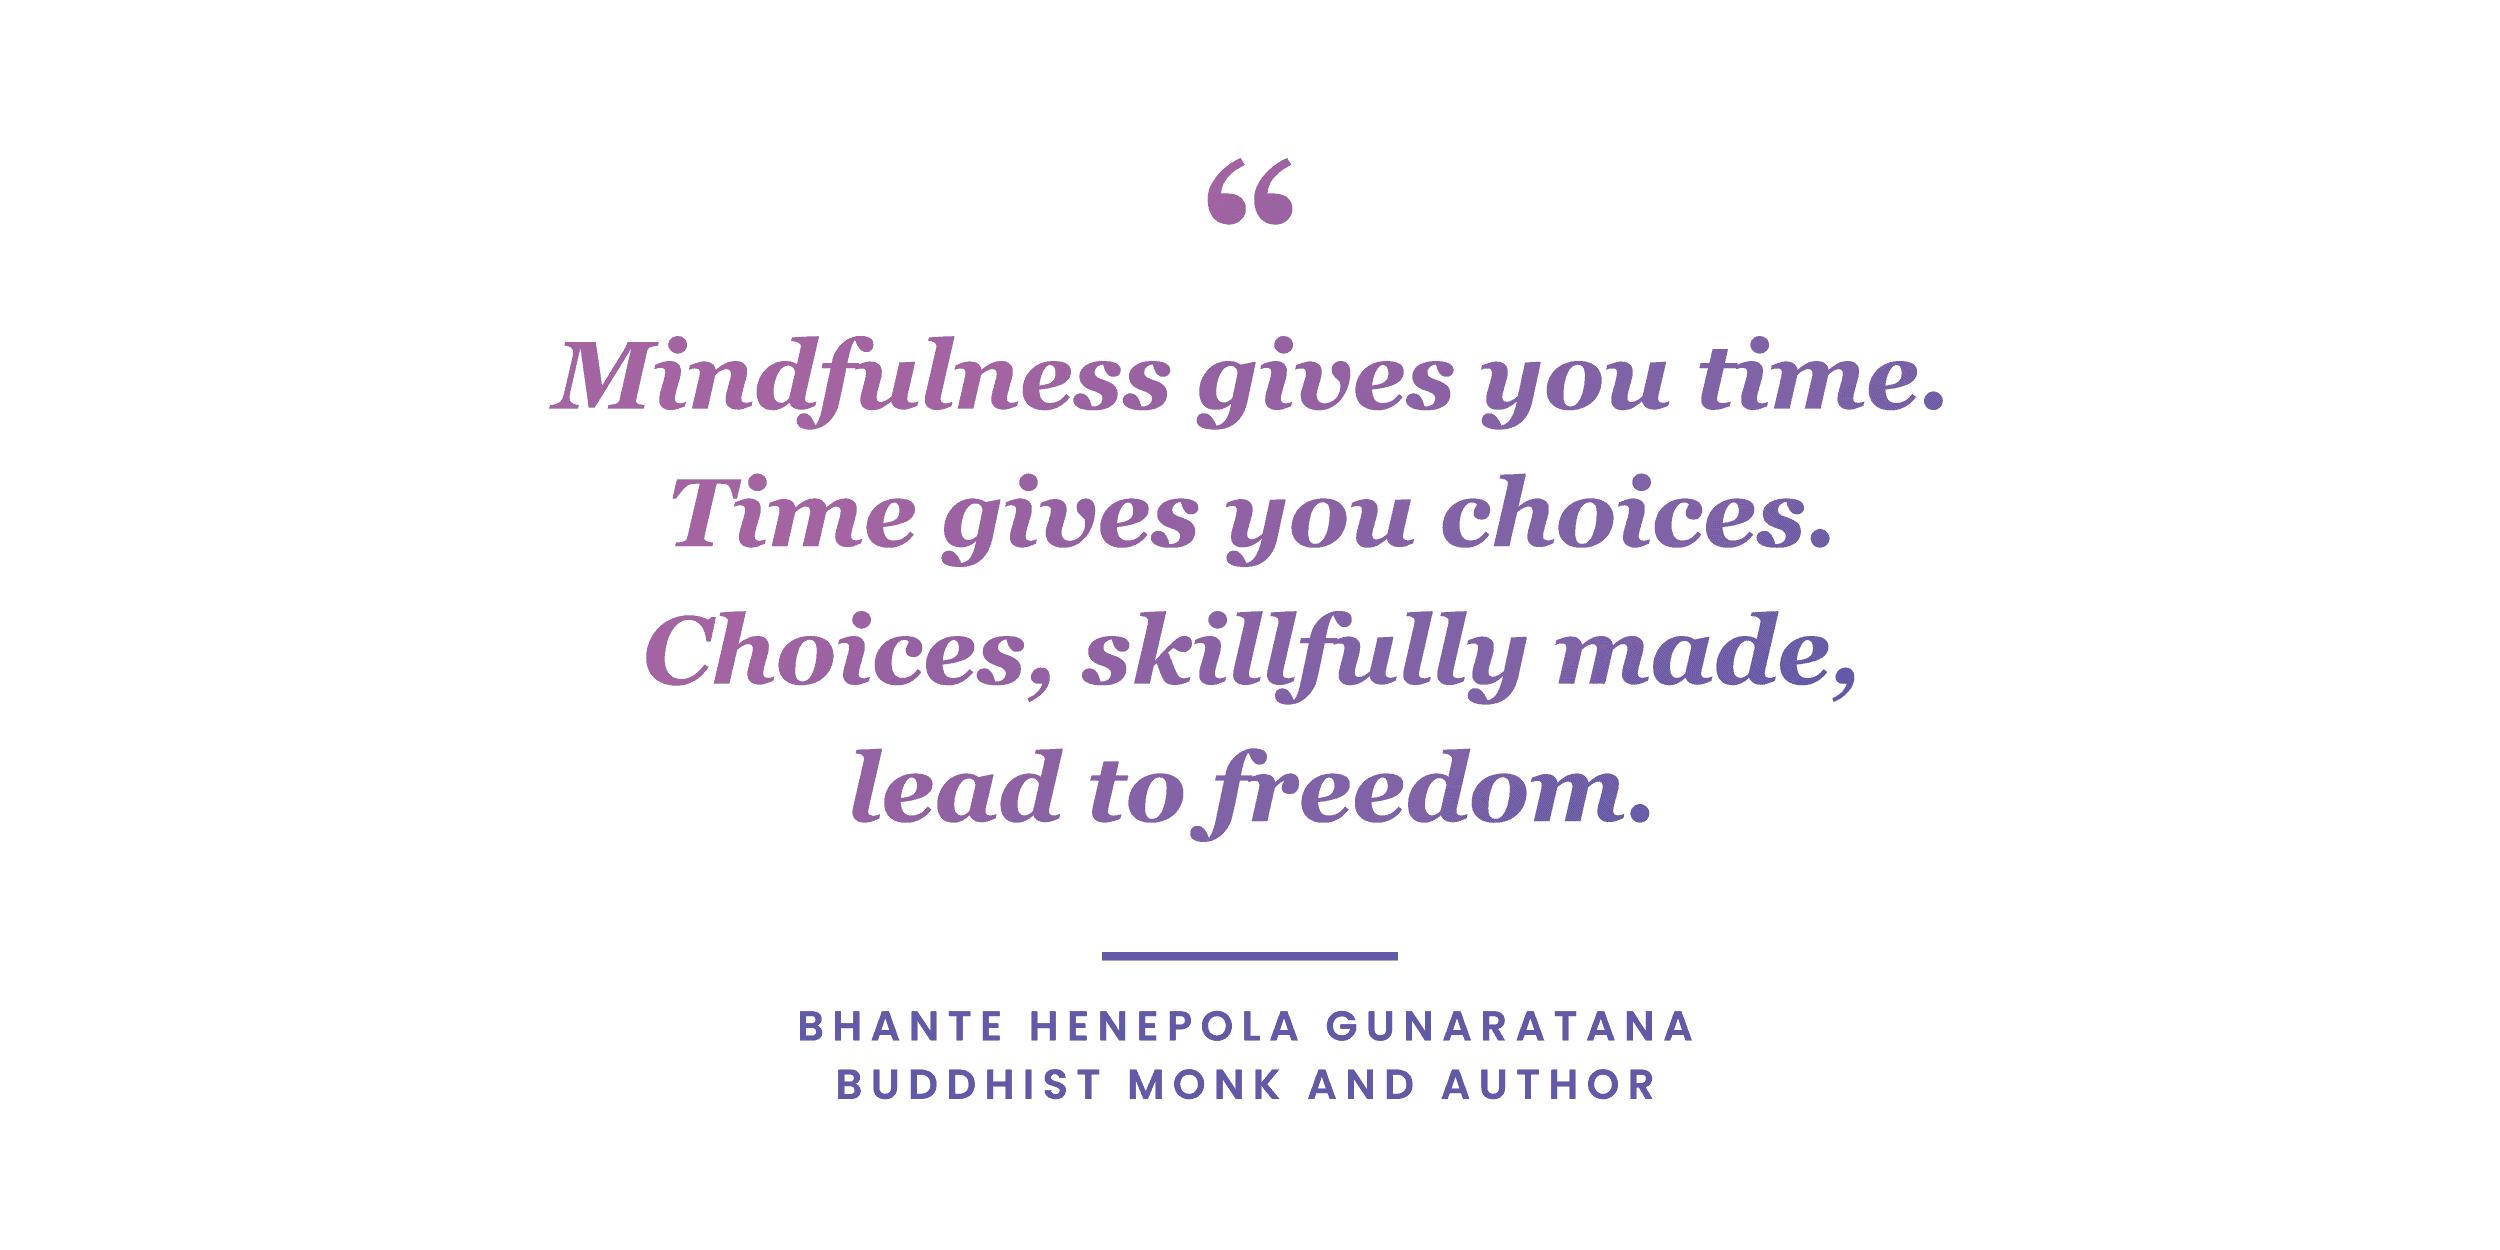 Mindfulness quote by Bhante Henepola Gunaratana